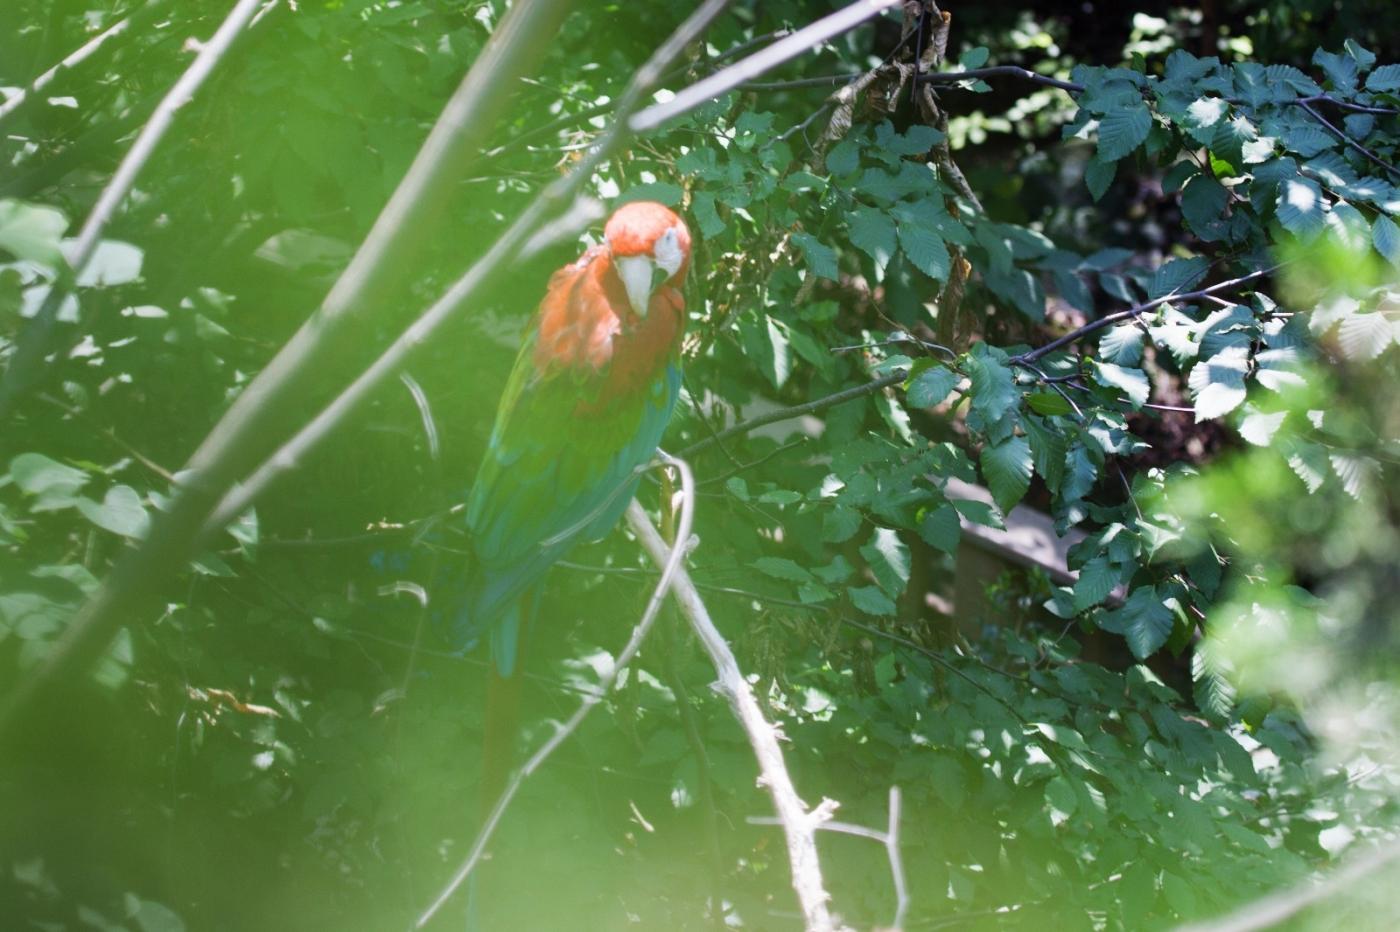 动物园花絮(摄于布朗士动物园,皇后区动物园)_图1-19